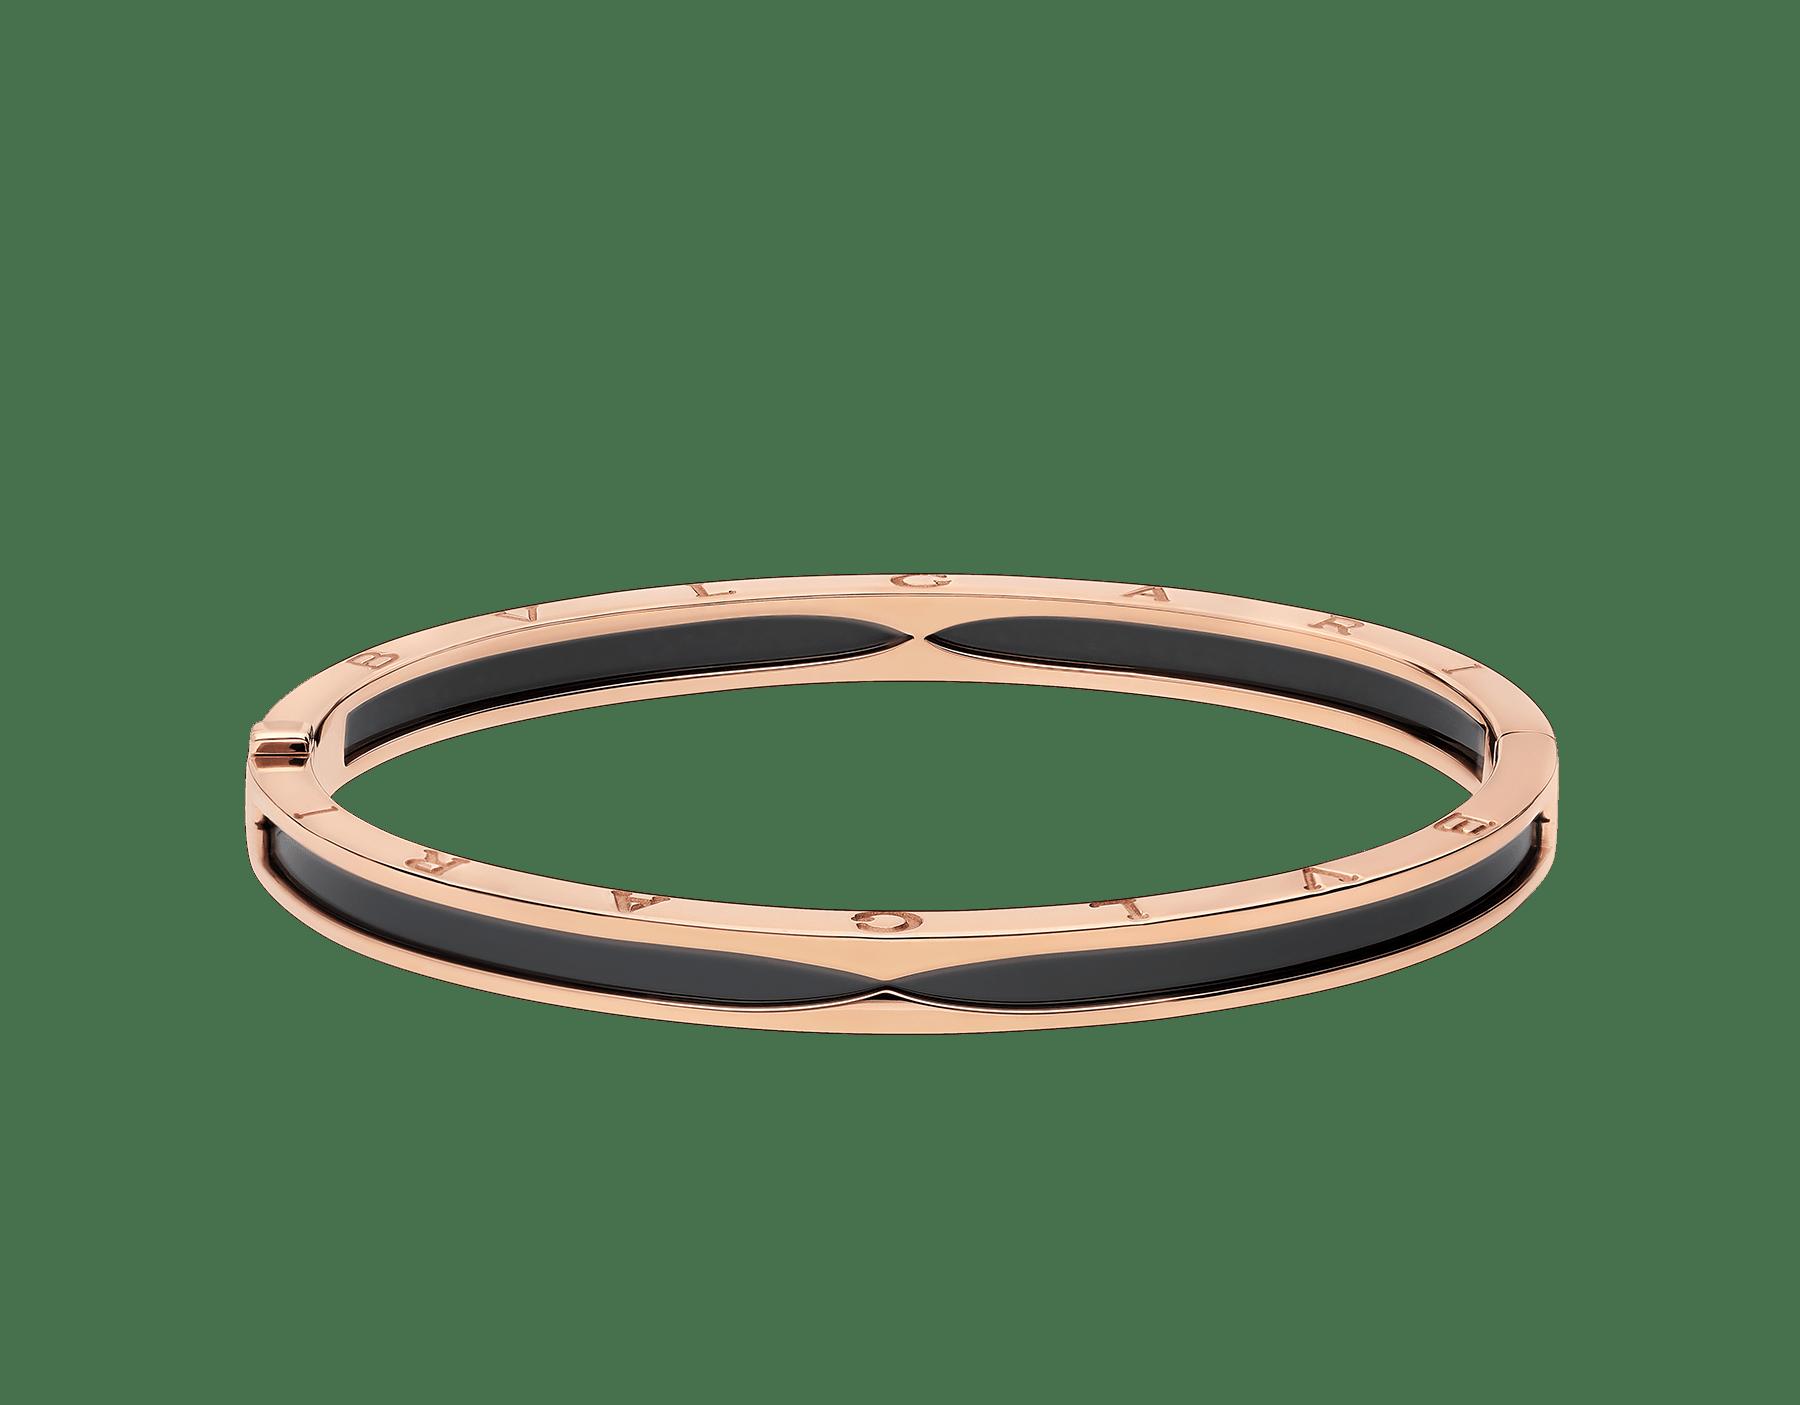 Com a icônica espiral levada ao limite, o delicado e sexy bracelete B.zero1 revela seu espírito contemporâneo através de fluidez geométrica e justaposição de materiais não convencionais. BR857618 image 2